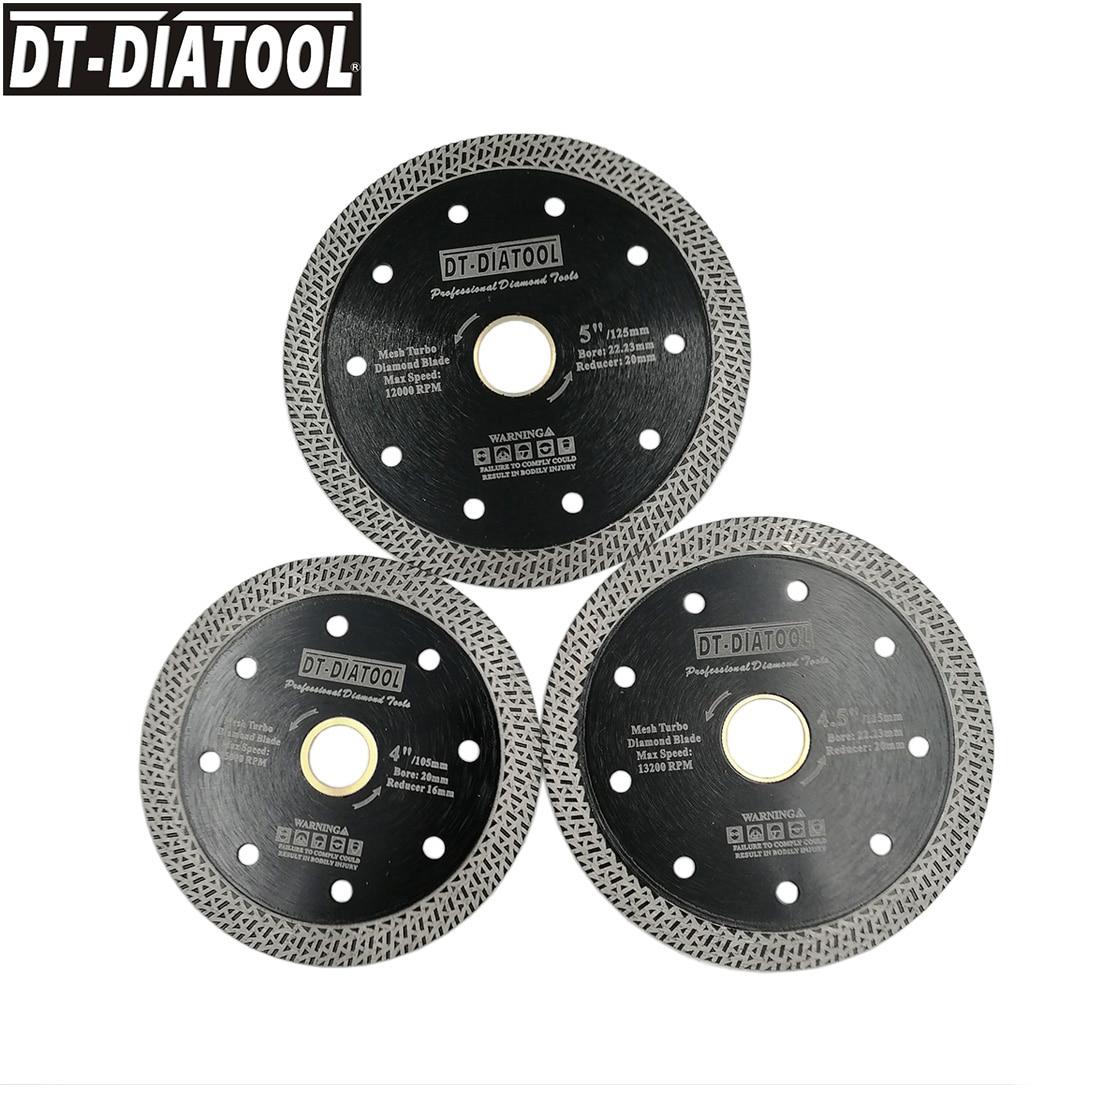 DT-DIATOOL 2pcs 4